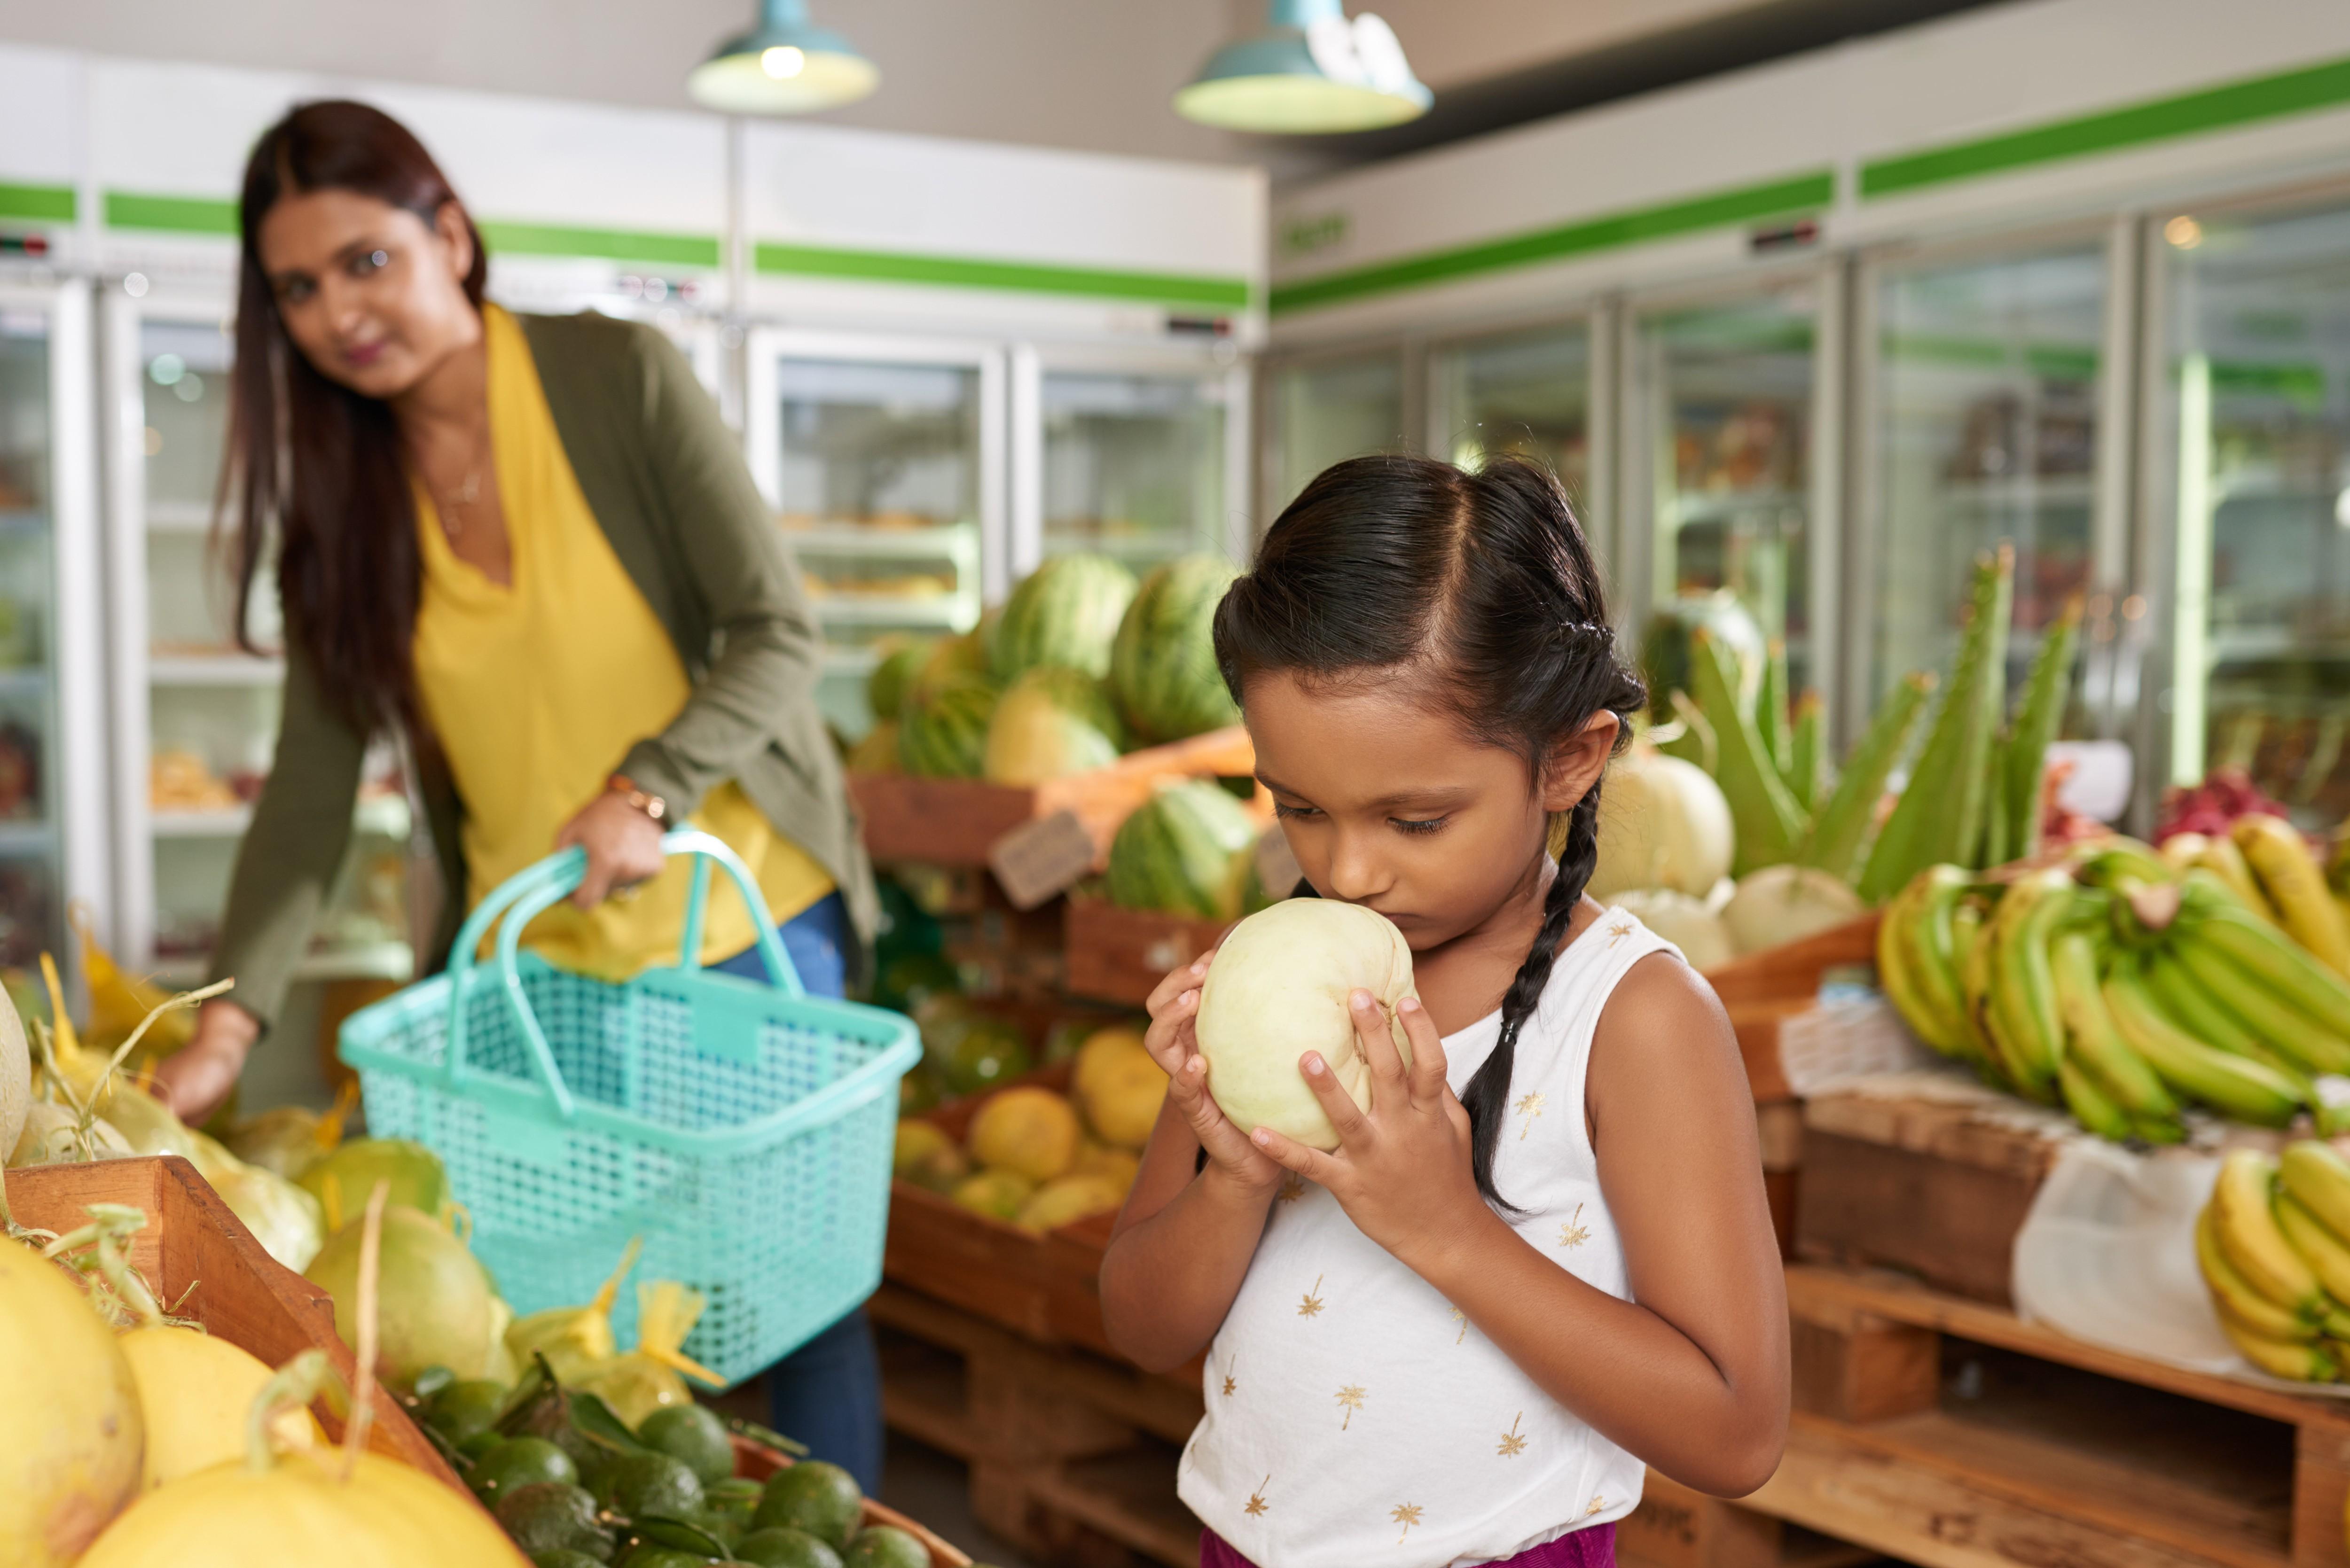 mercado_criança_familia_ (Foto: Getty Images)